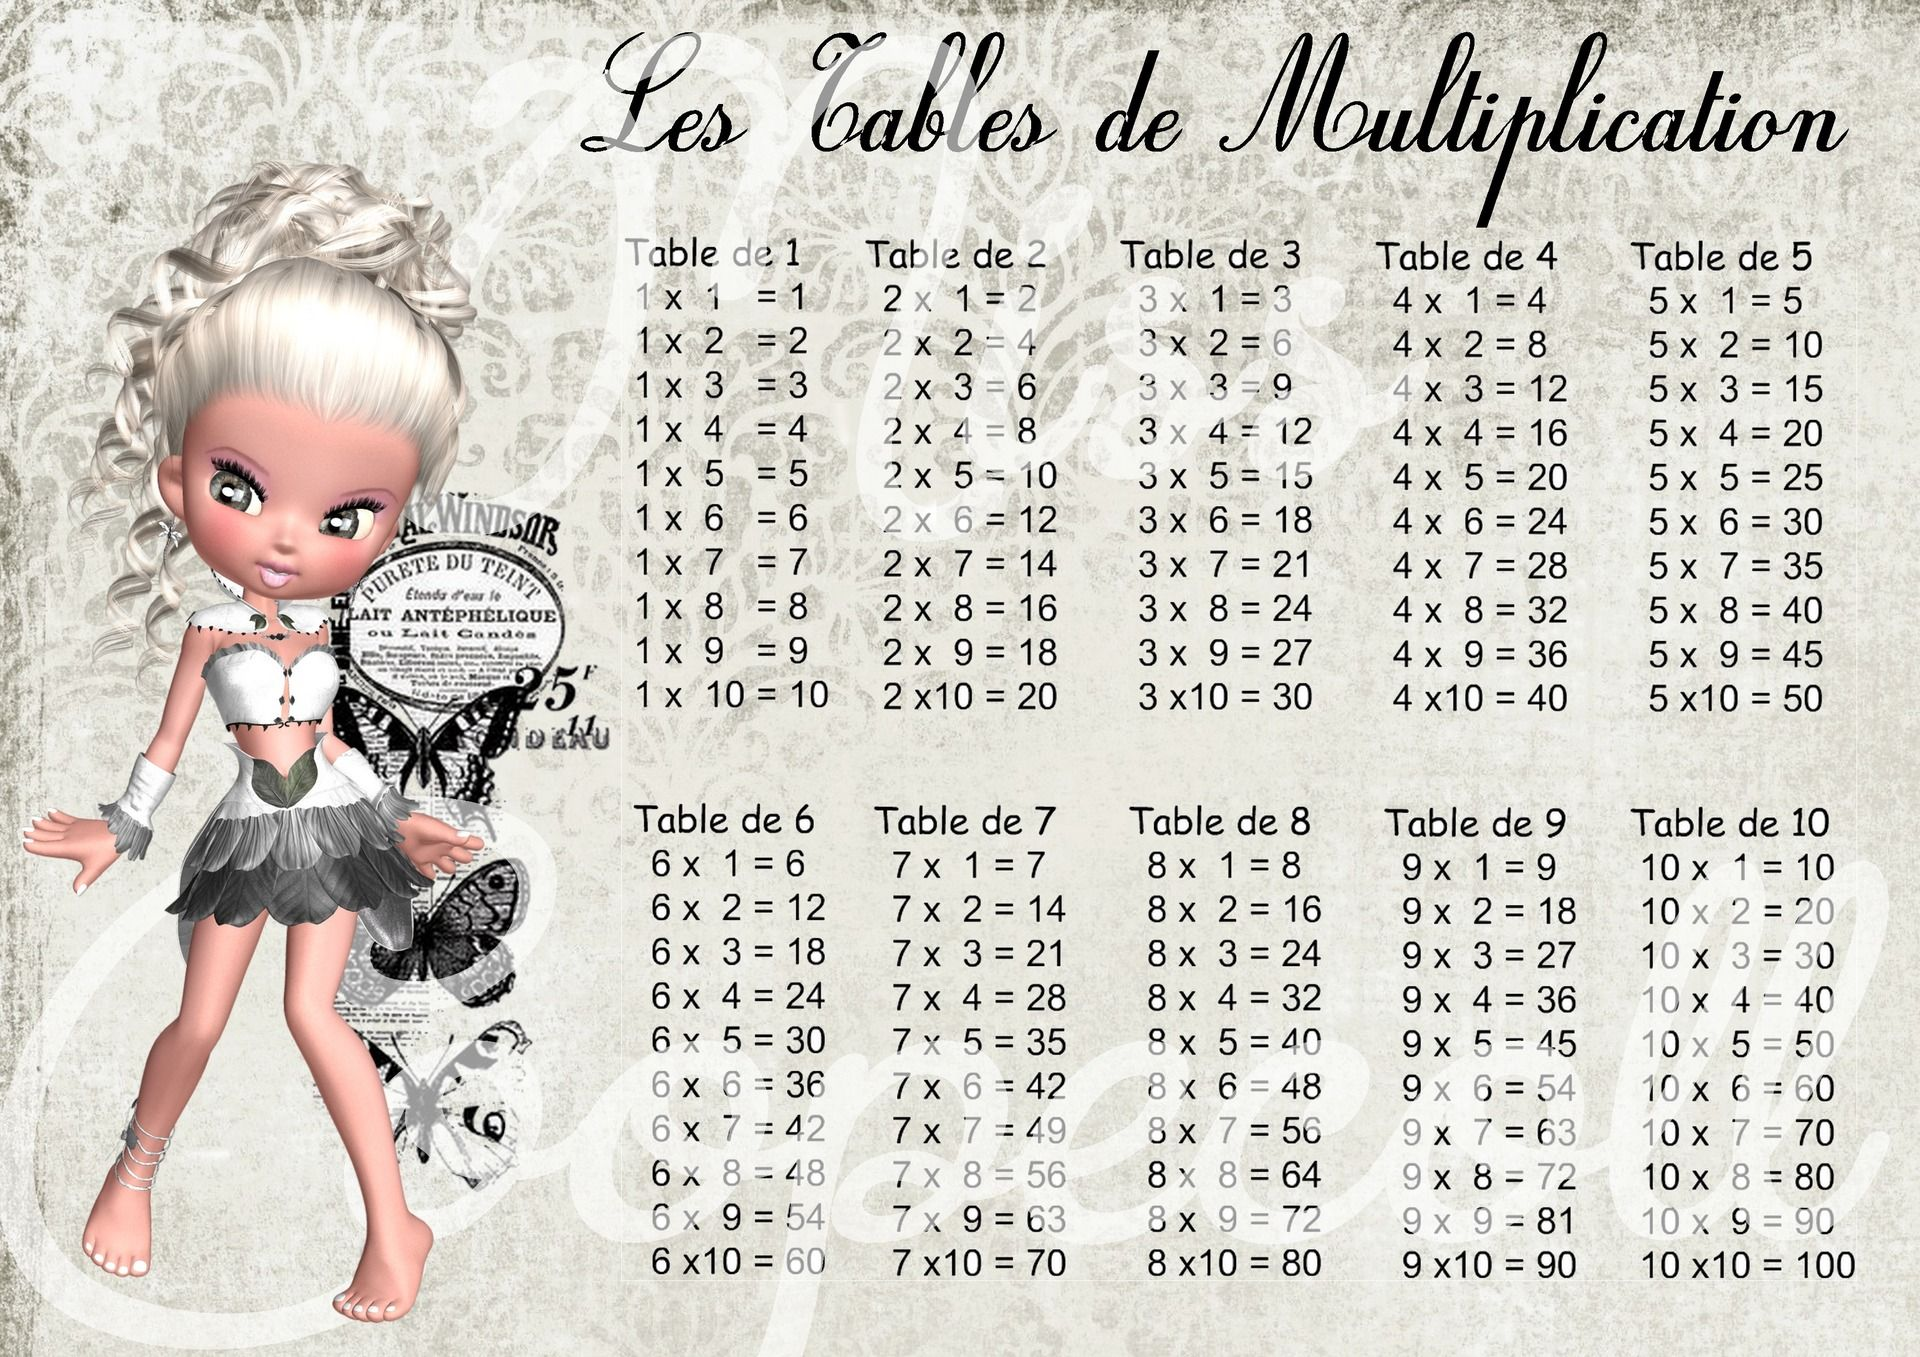 Table de multiplication plastifi e format a4 miss beauty - Tableau de table de multiplication ...